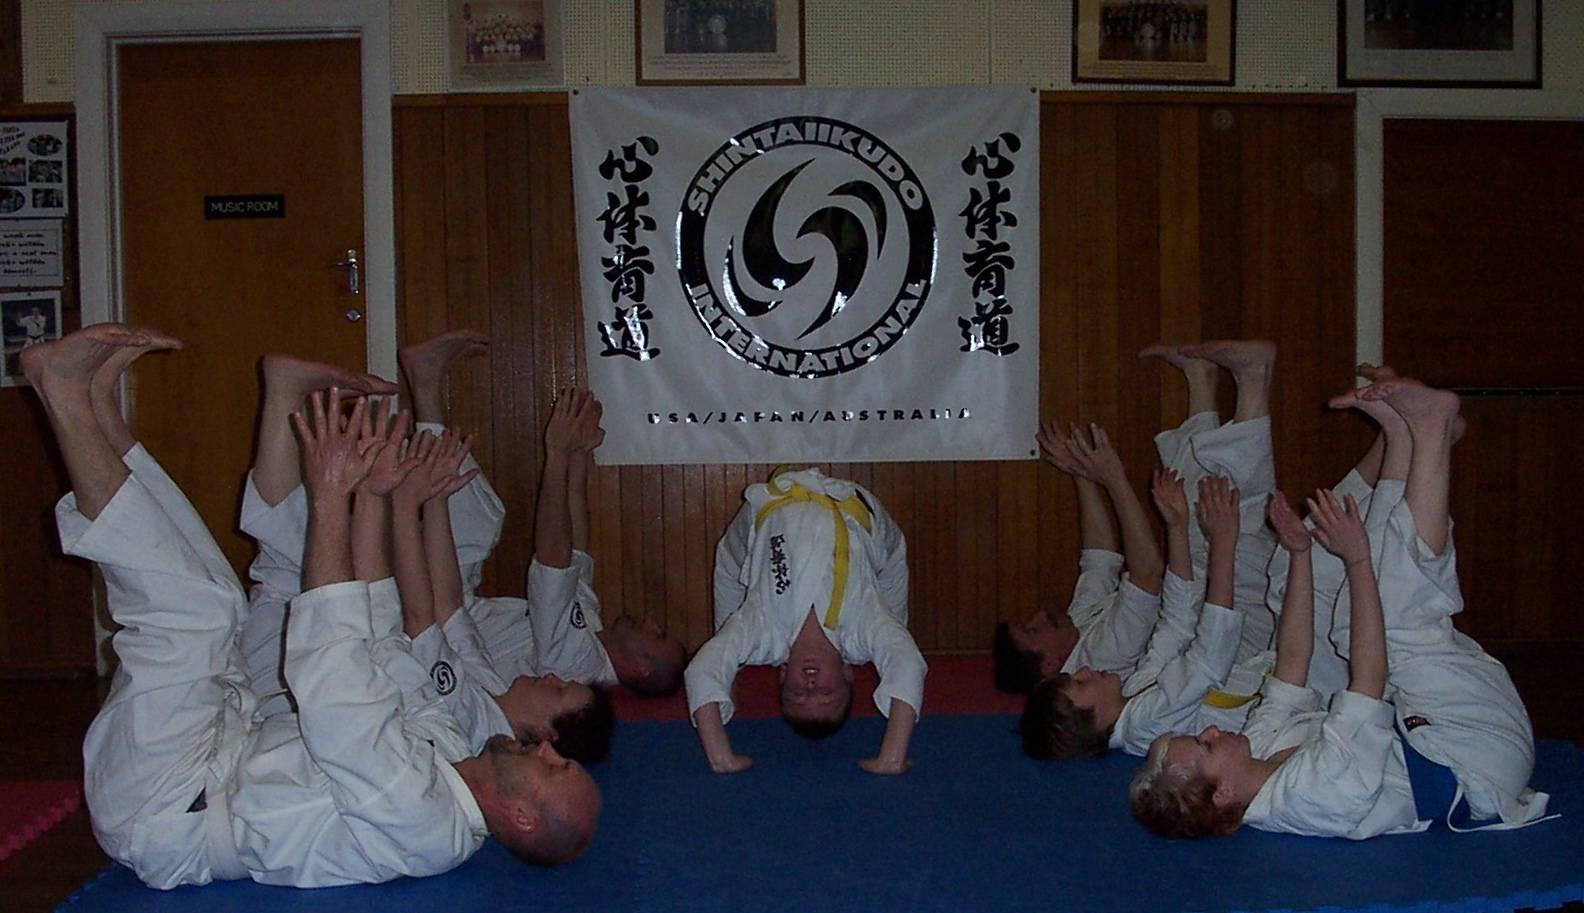 Circulation exercises & flexibility